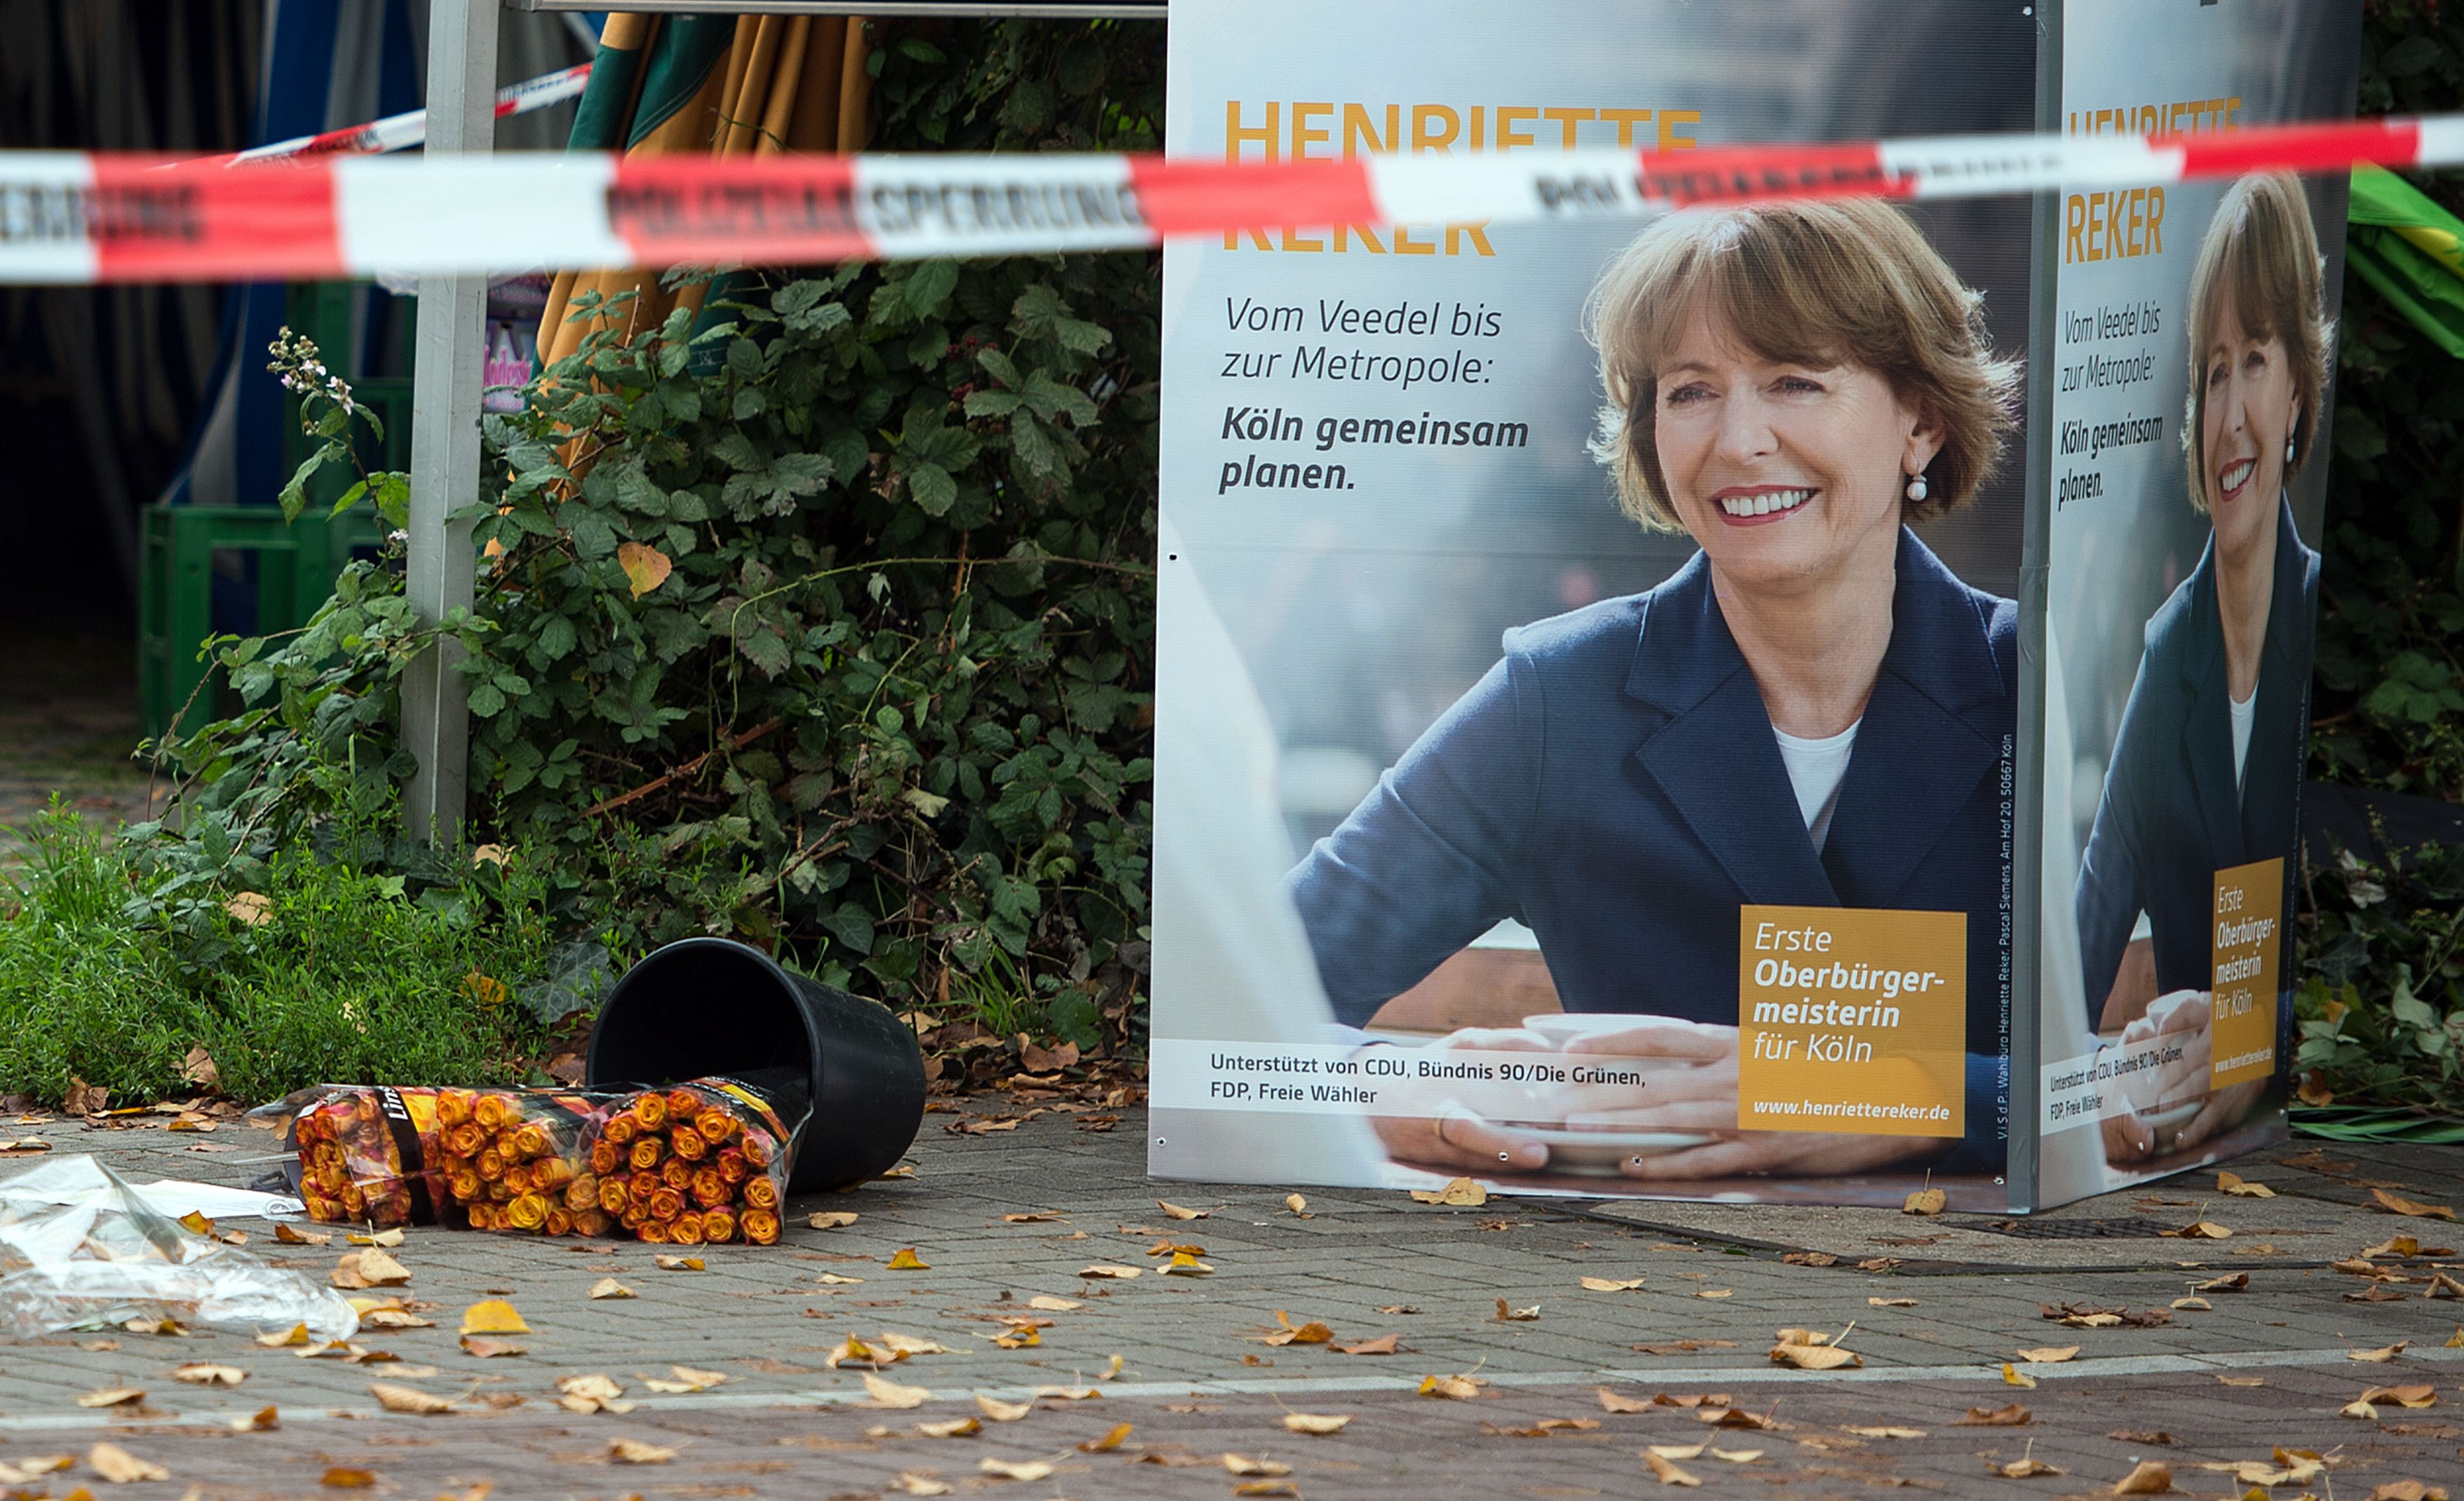 Archiv: Henriette Reker wurde am 17.10.2015 in Köln von einem Rechtsextremen mit einem Messer angegriffen und lebensgefährlich verletzt.